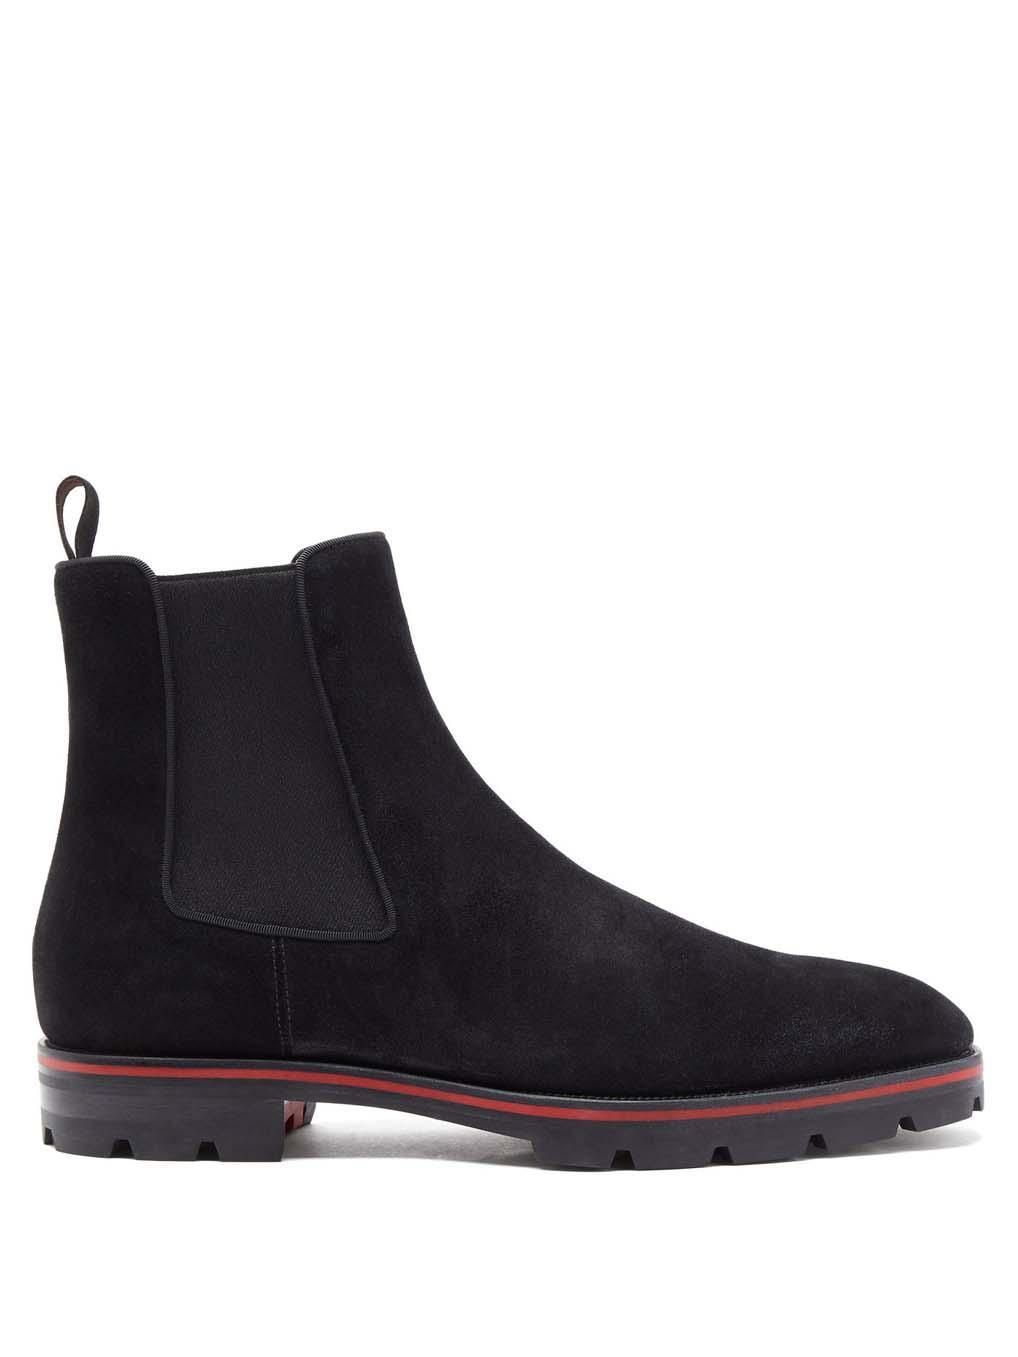 الشهيرة لا المسامير الشتاء الرجال الأحمر أسفل الأحذية البطيخ التمهيد ارتفع الكاحل الأحذية الجلد المدبوغ الجلود سميكة باطن ريد ماركات الرجال الأحذية حزب اللباس هدية